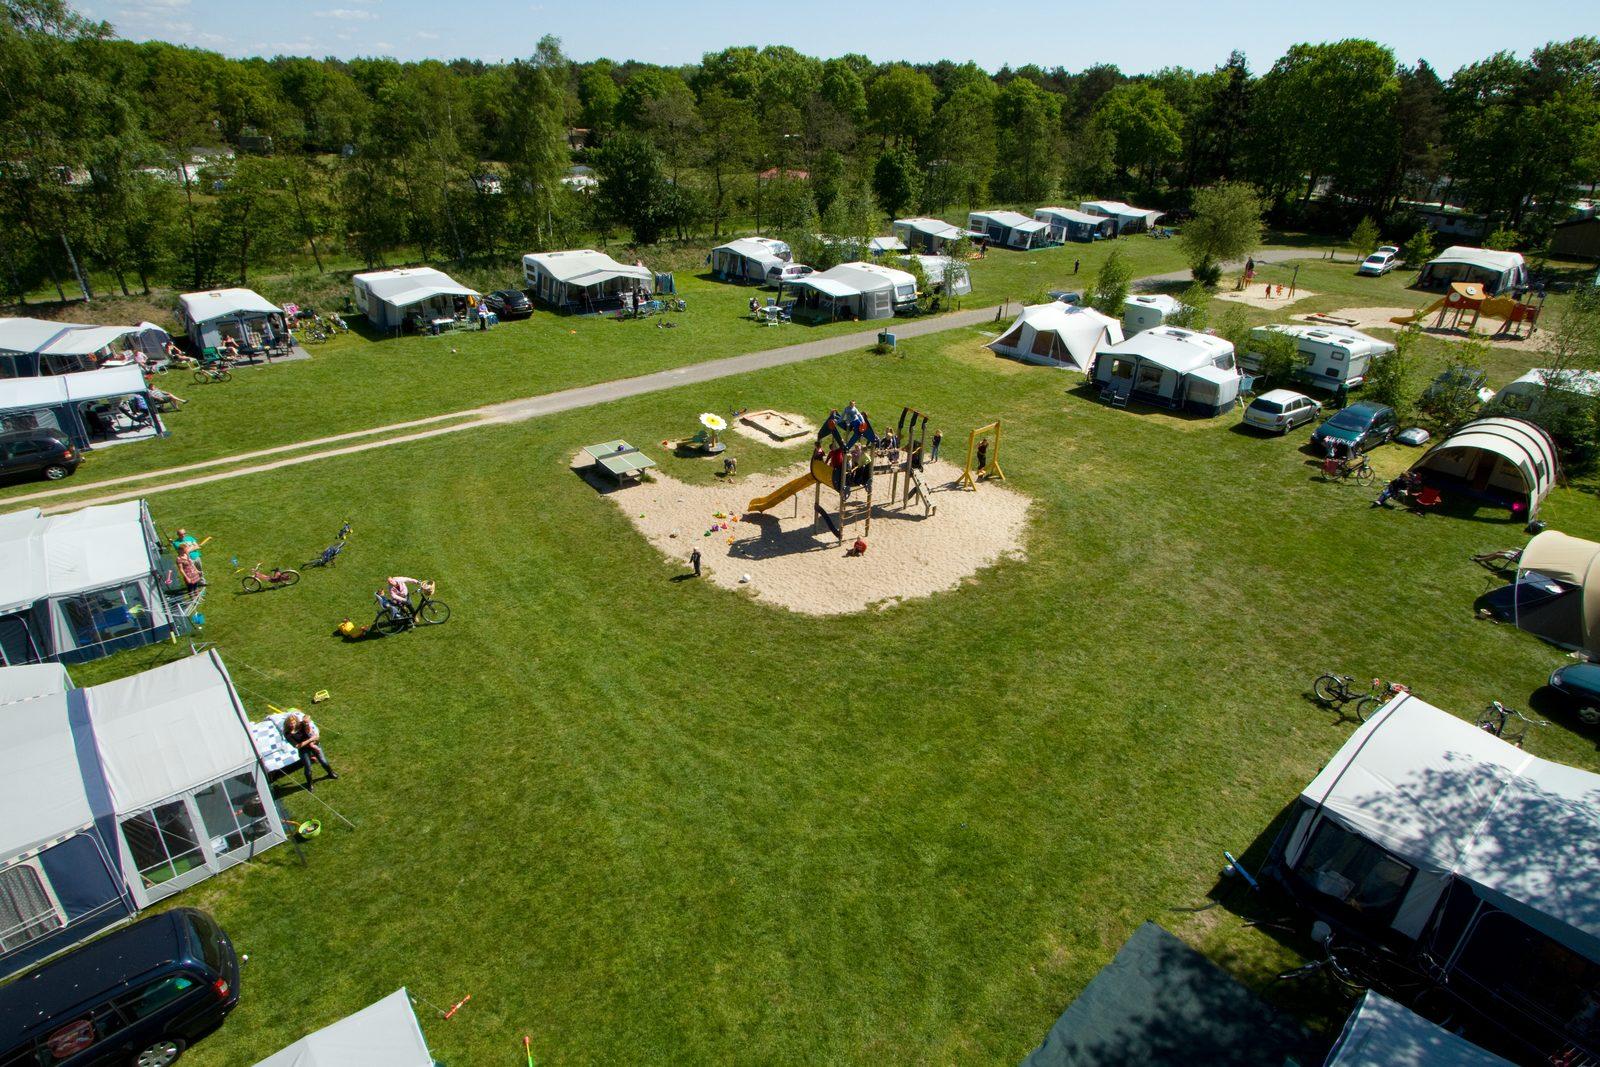 Campingplatz in Overijssel